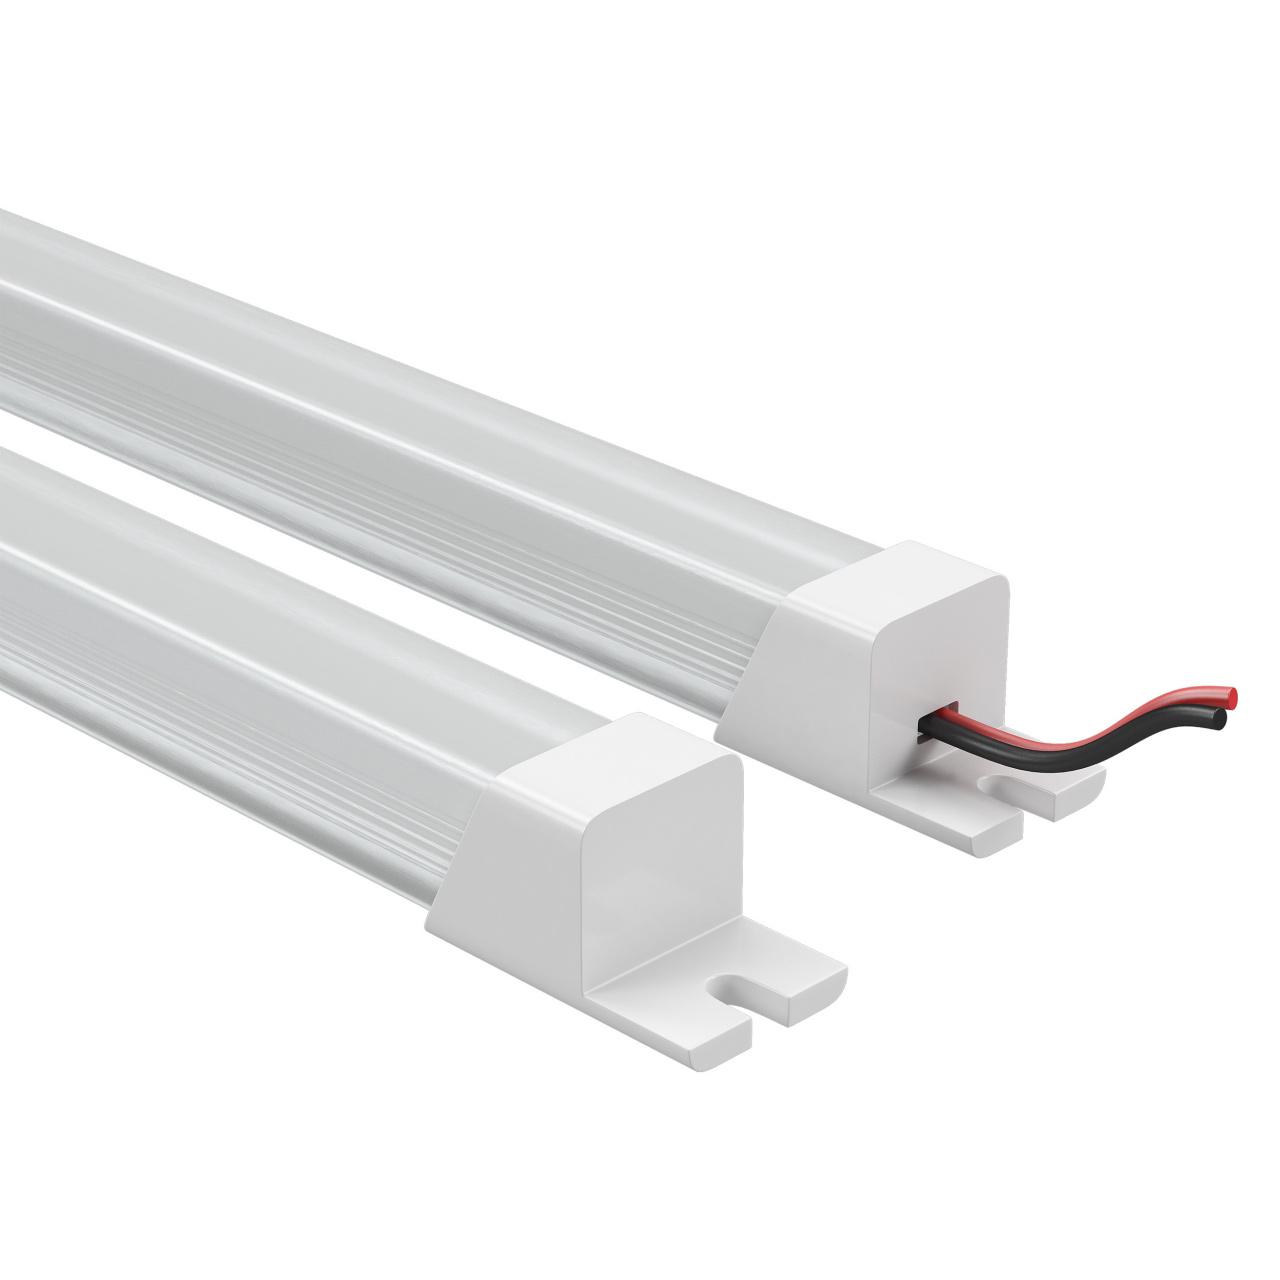 Лента в PVC-профиле Profiled 400014 12V 9.6W 120LED 4500K с прямоугольным рассеивателем, пластик, 1шт 1м Lightstar 409114